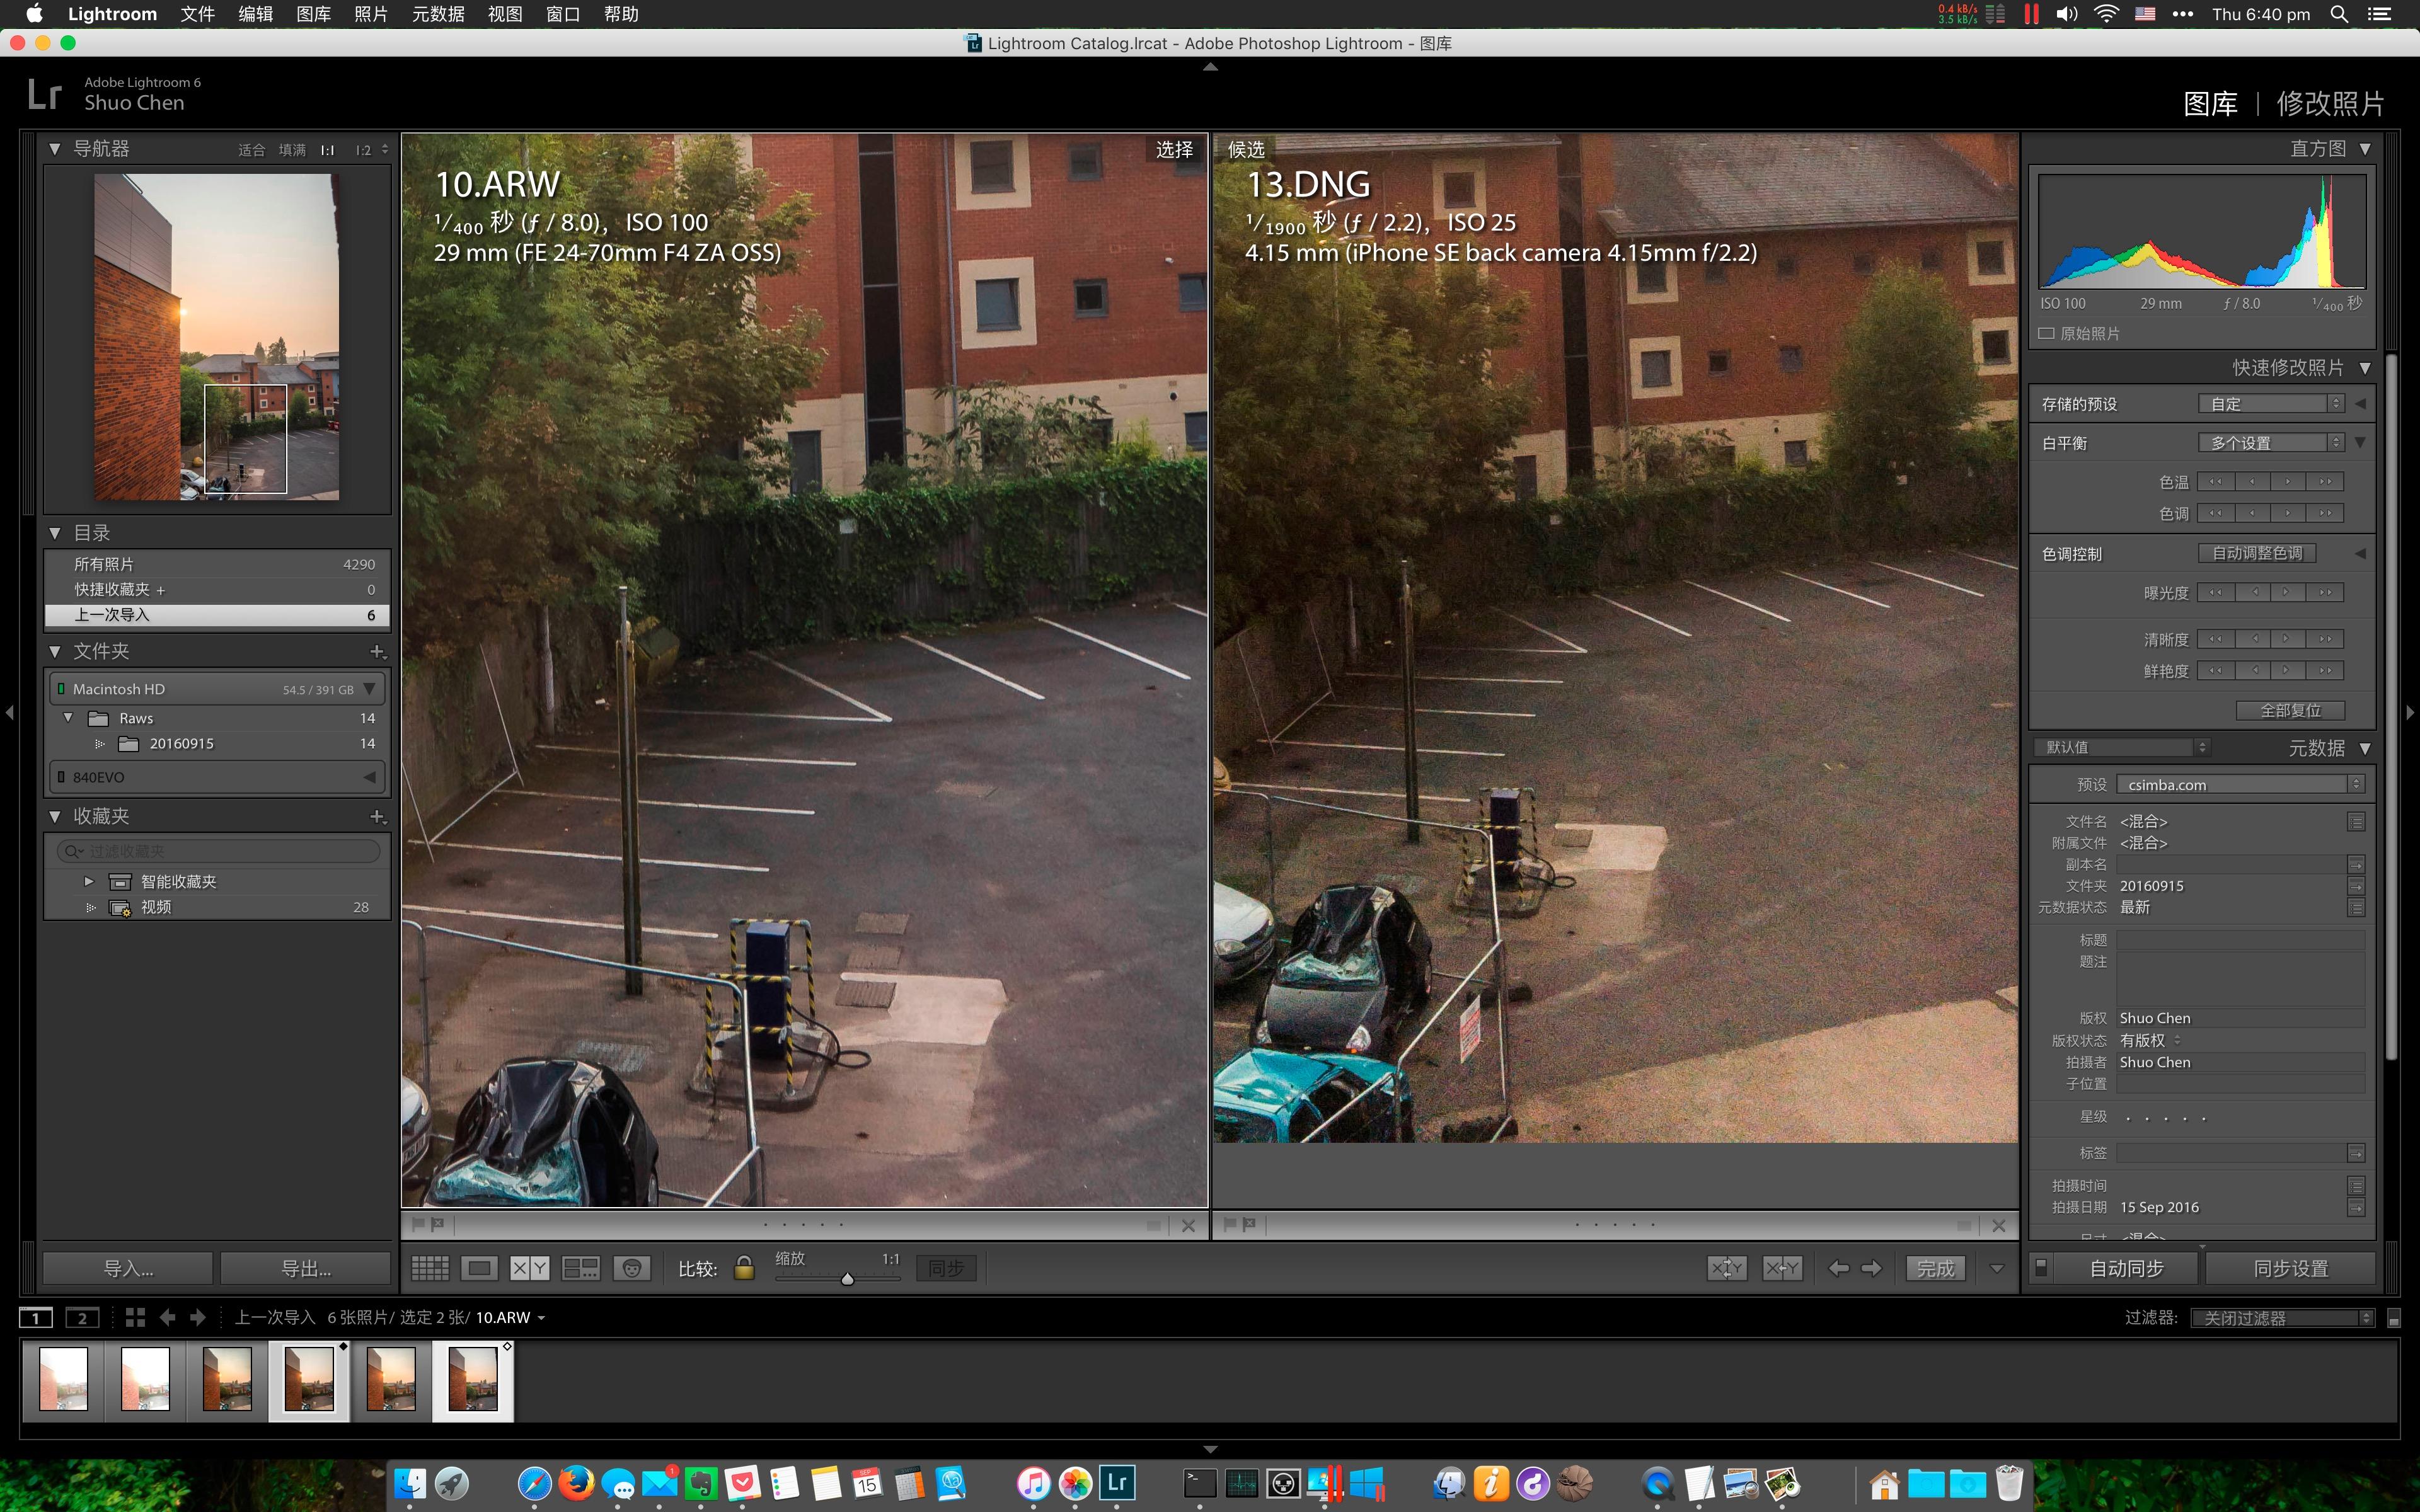 图8: Procam Raw vs Sony A7 (乱入对比😅) 正常曝光拍摄后 高光-100 暗部+100 暗部细节对比